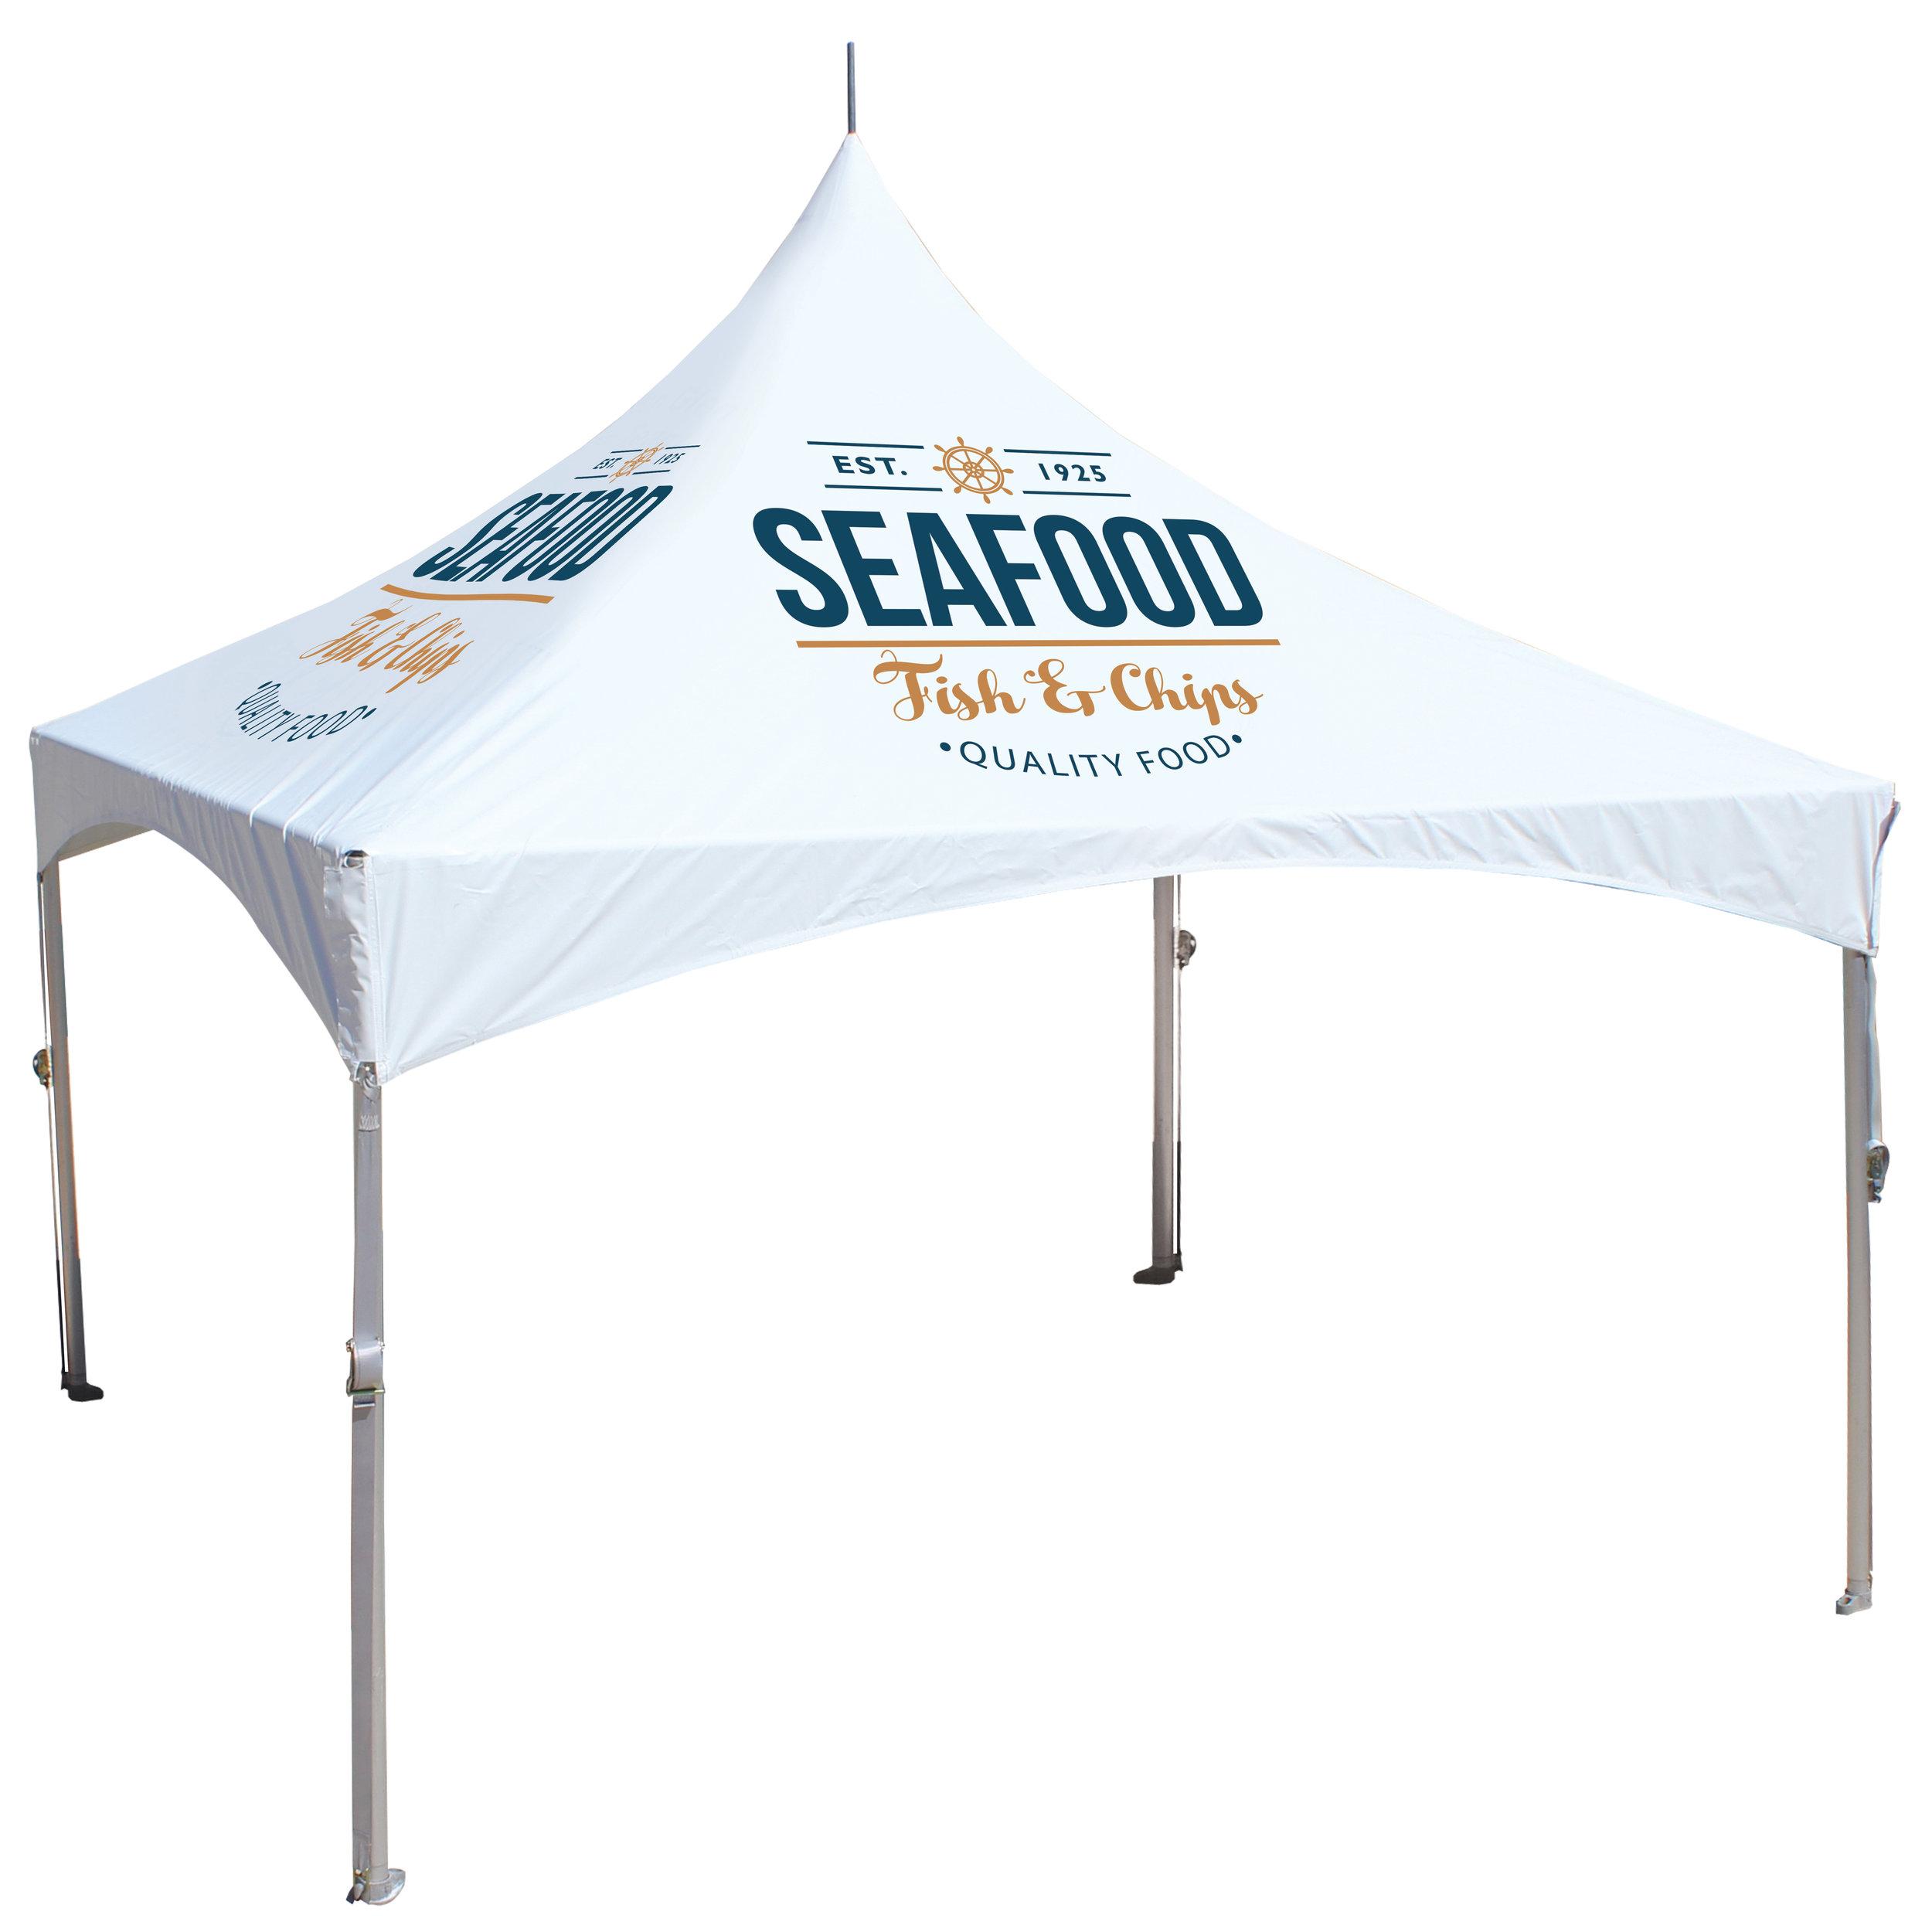 15x15 Pinnacle Seafood.jpg